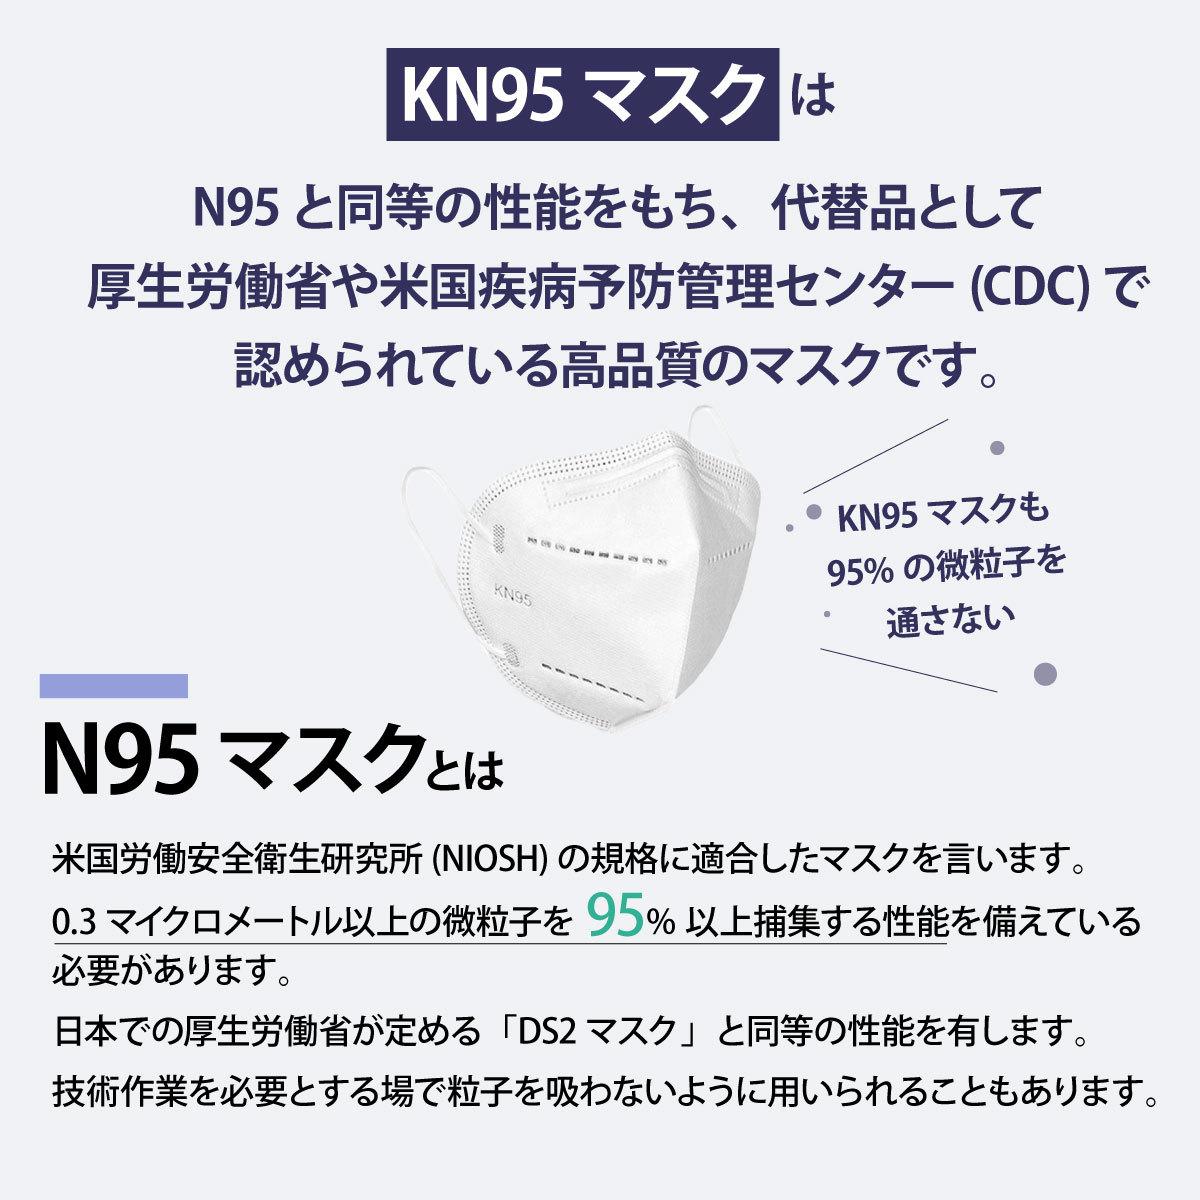 Kn95 違い N95